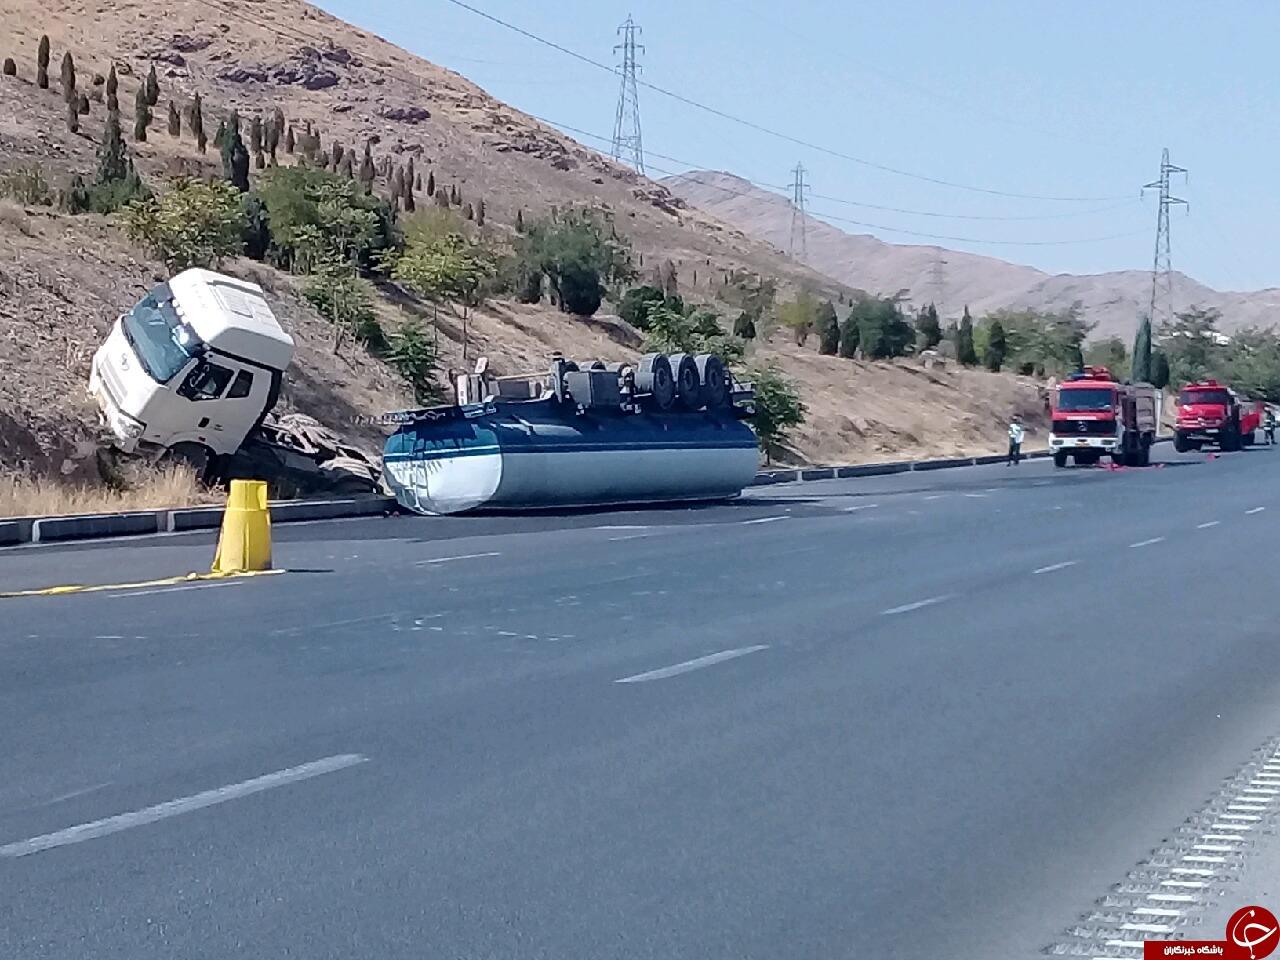 تلاش برای کنترل مواد نفتی تانکر واژگون شده در اراک / اعمال محدودیت ترافیکی در کربندی جنوبی اراک